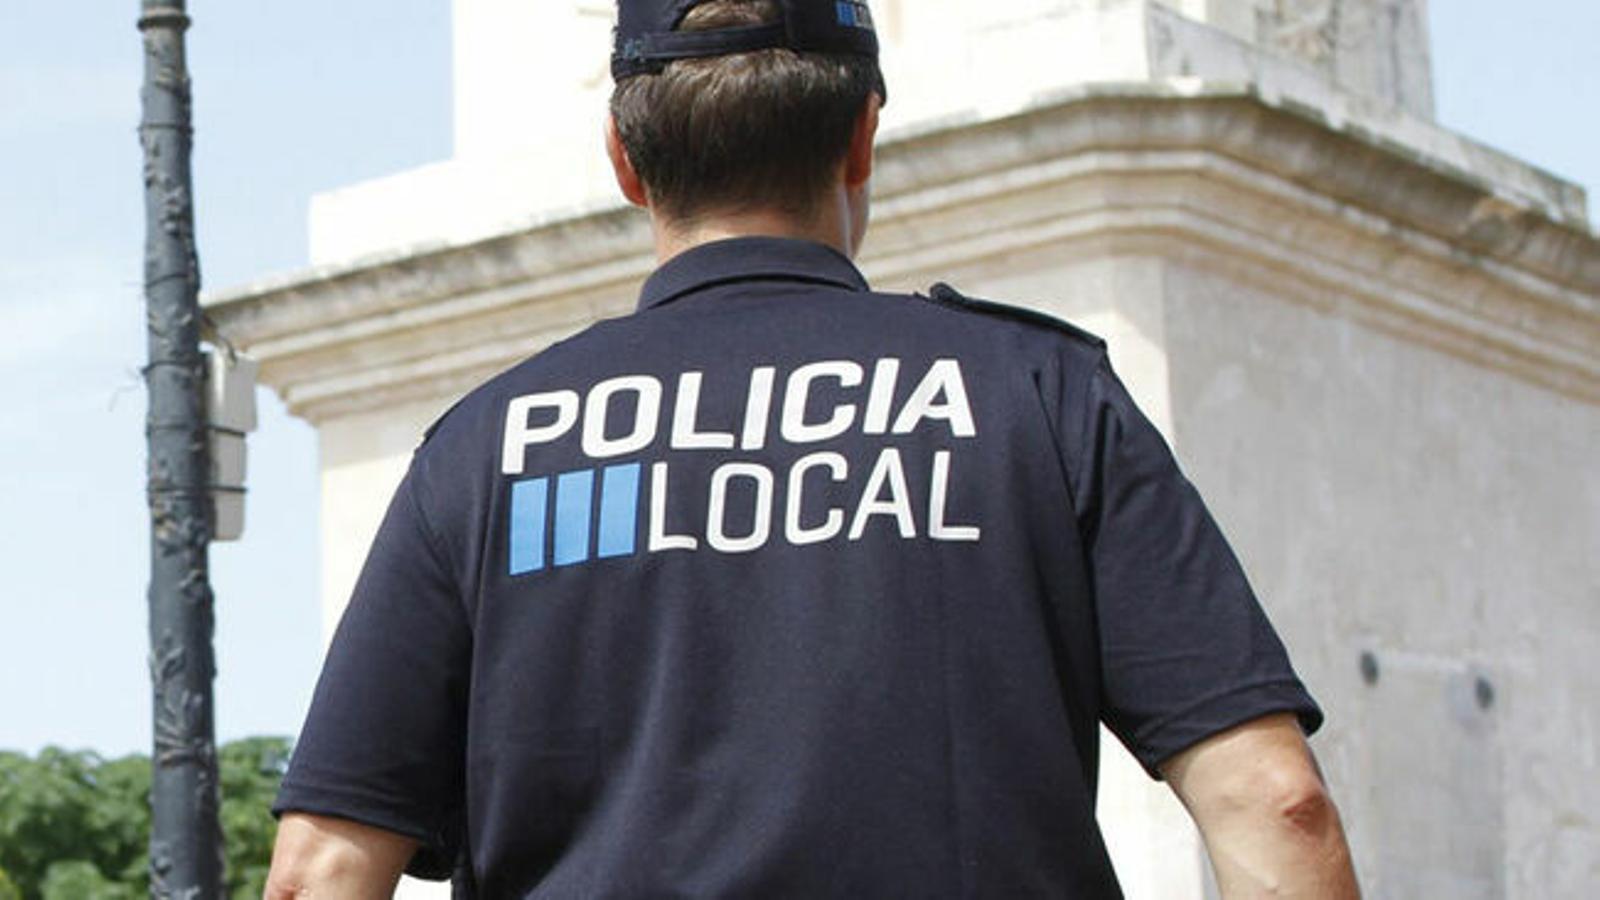 Un policia local de les Illes Balears en una imatge d'arxiu. / GEMMA ANDREU